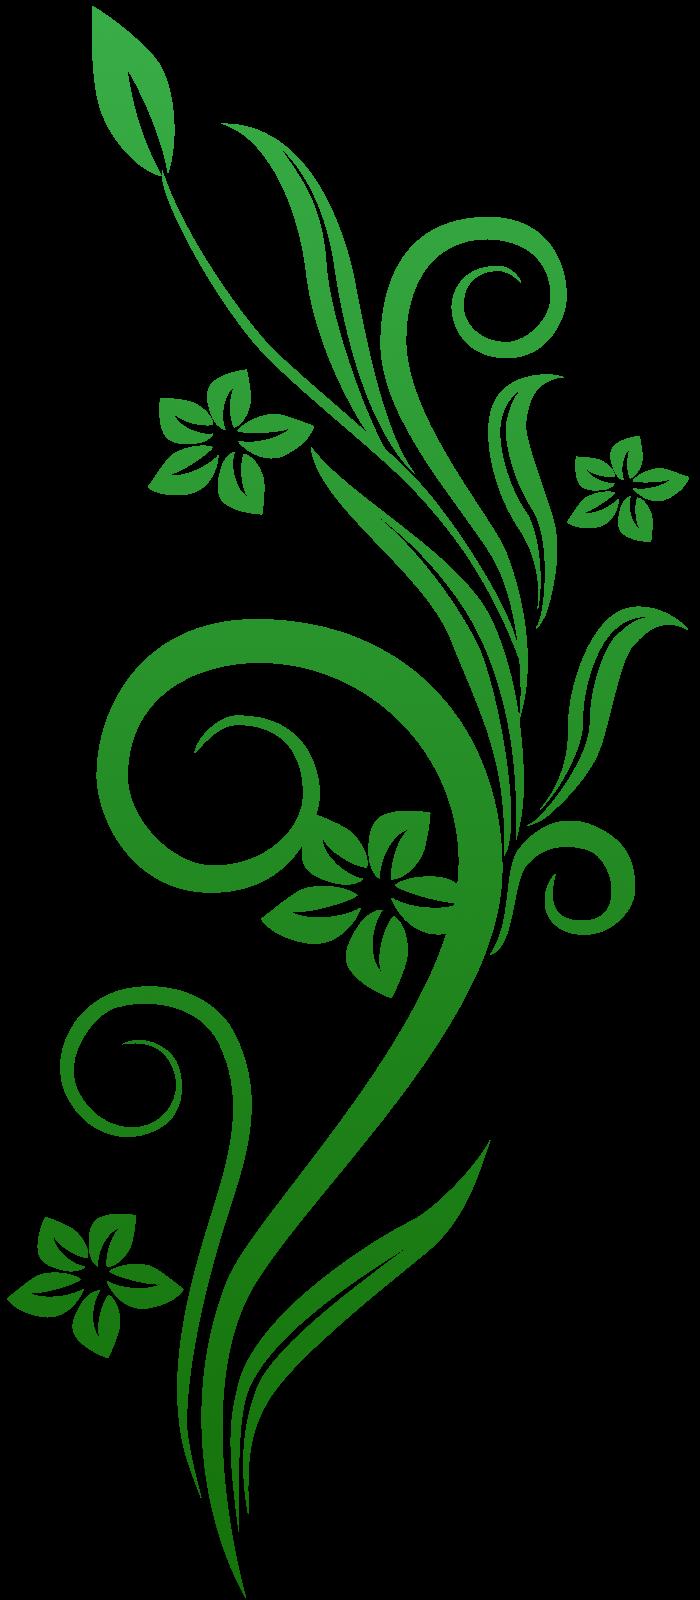 Vines Flowers Png Vines Swirl Green Flowers